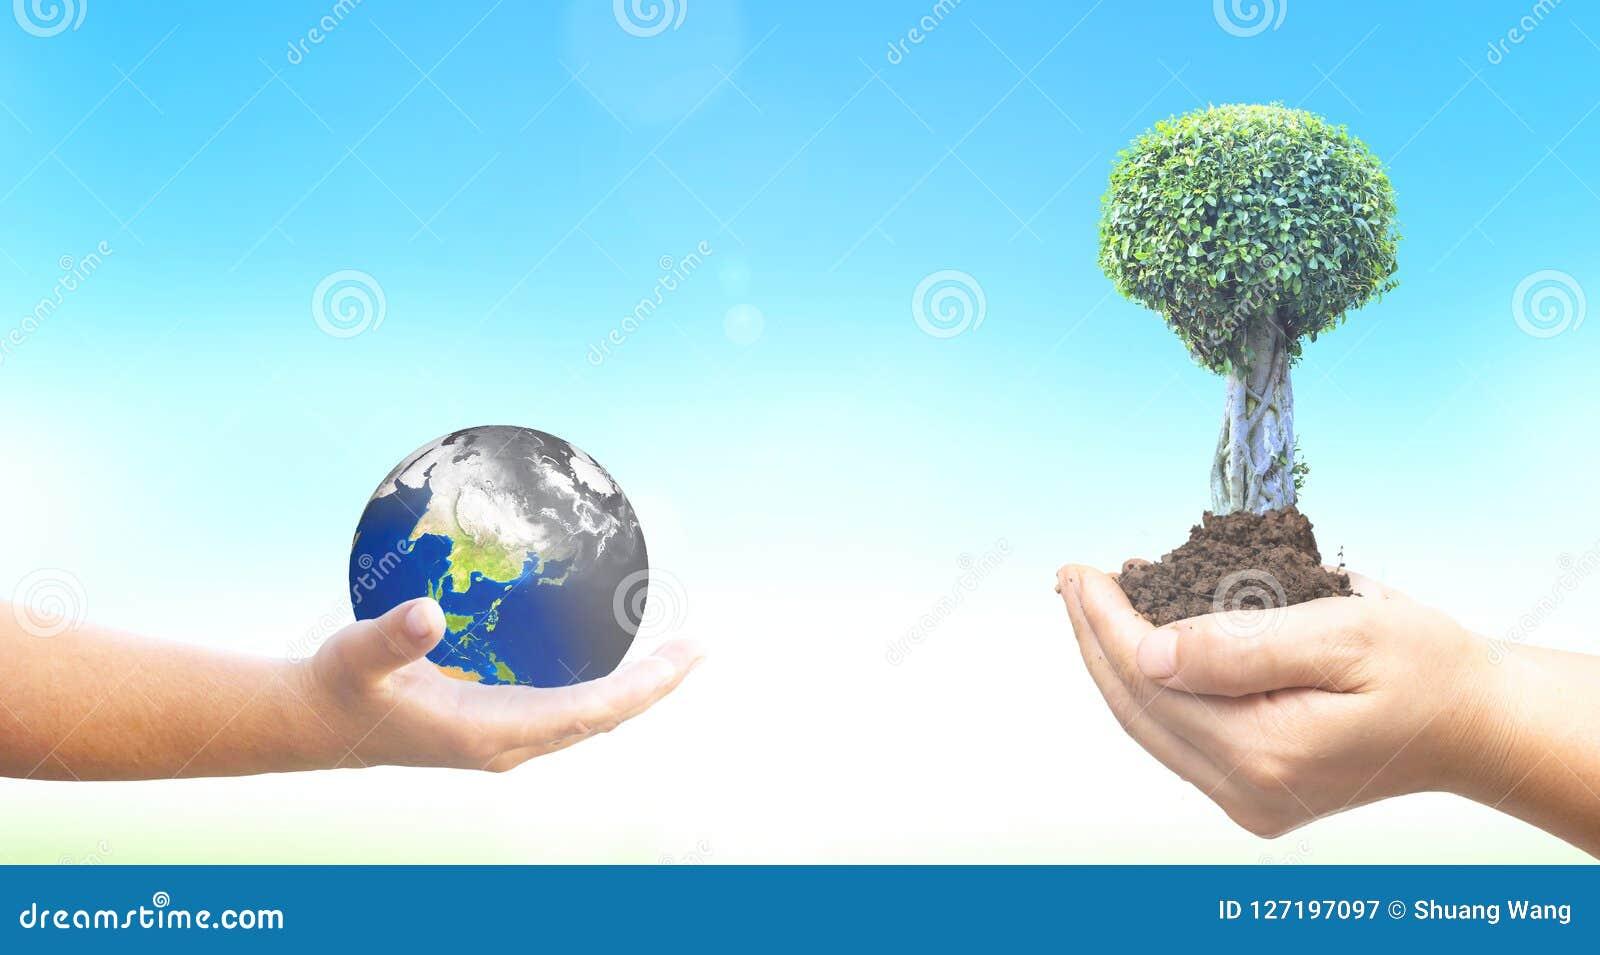 Weltumwelttagkonzept: Halten der verunreinigten Erde und der grünen Bäume auf blauem Naturhintergrund